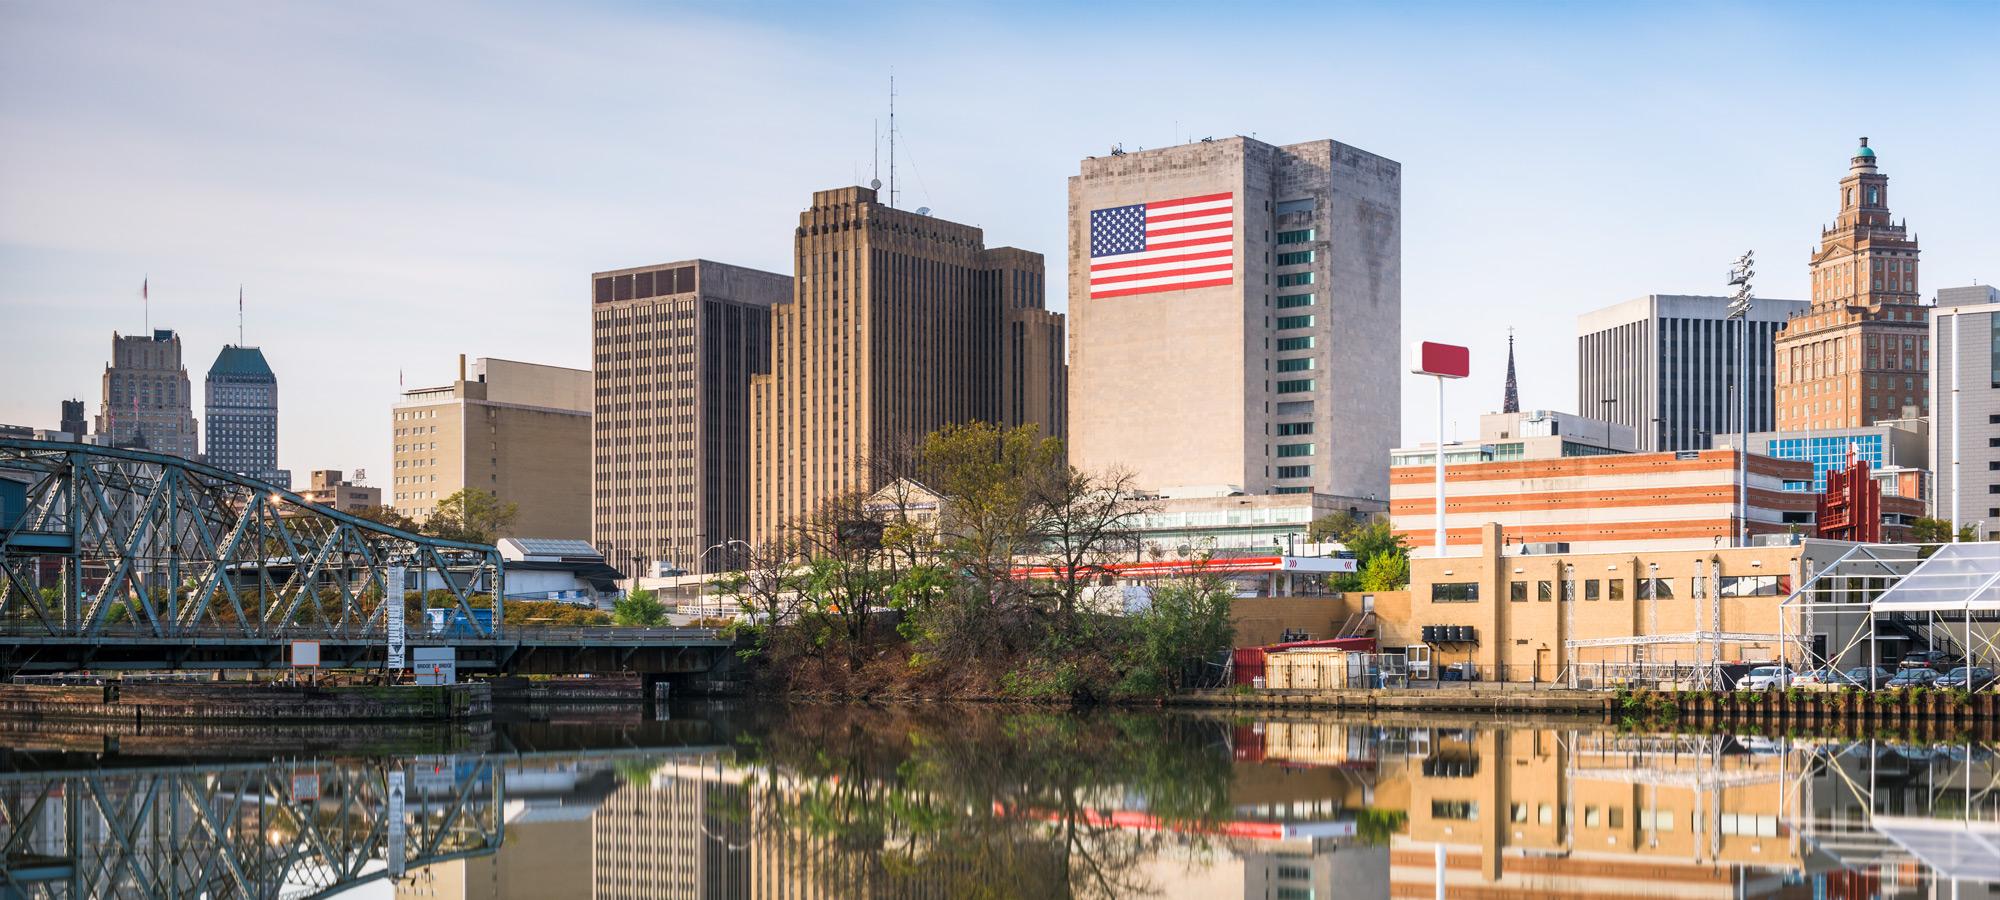 Newark NJ skyline